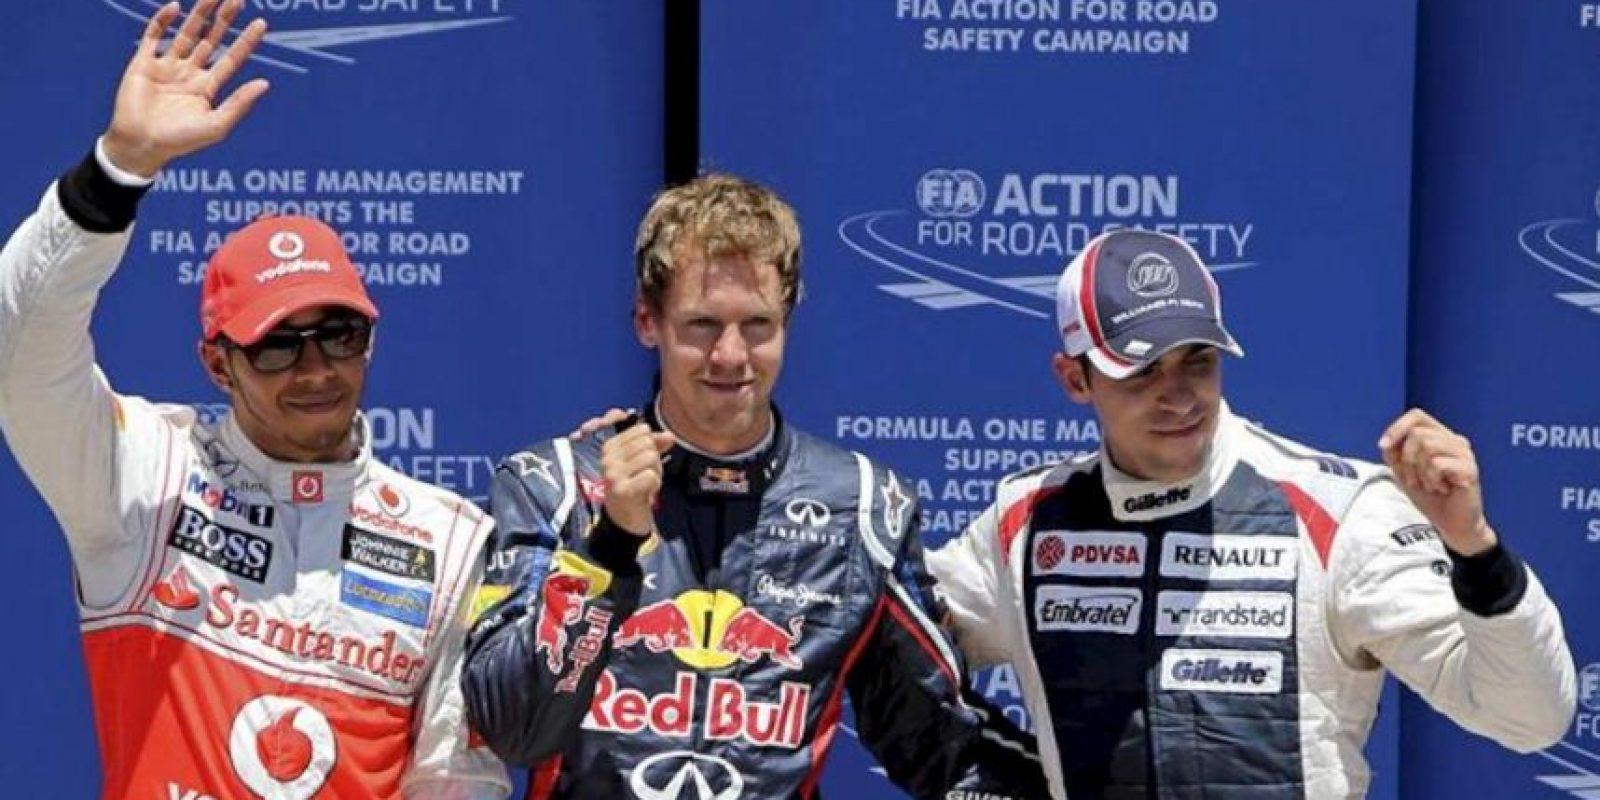 De izq. a drcha., el piloto británico Lewis Hamilton (segundo), el alemán Sebastian Vettel (primero) y el venezolano Pastor Maldonado (tercero) posan tras realizar la clasificación para el Gran Premio de Europa de Fórmula Uno que se celebra hoy, 23 de junio de 2012, en el circuito urbano de Valencia. EFE